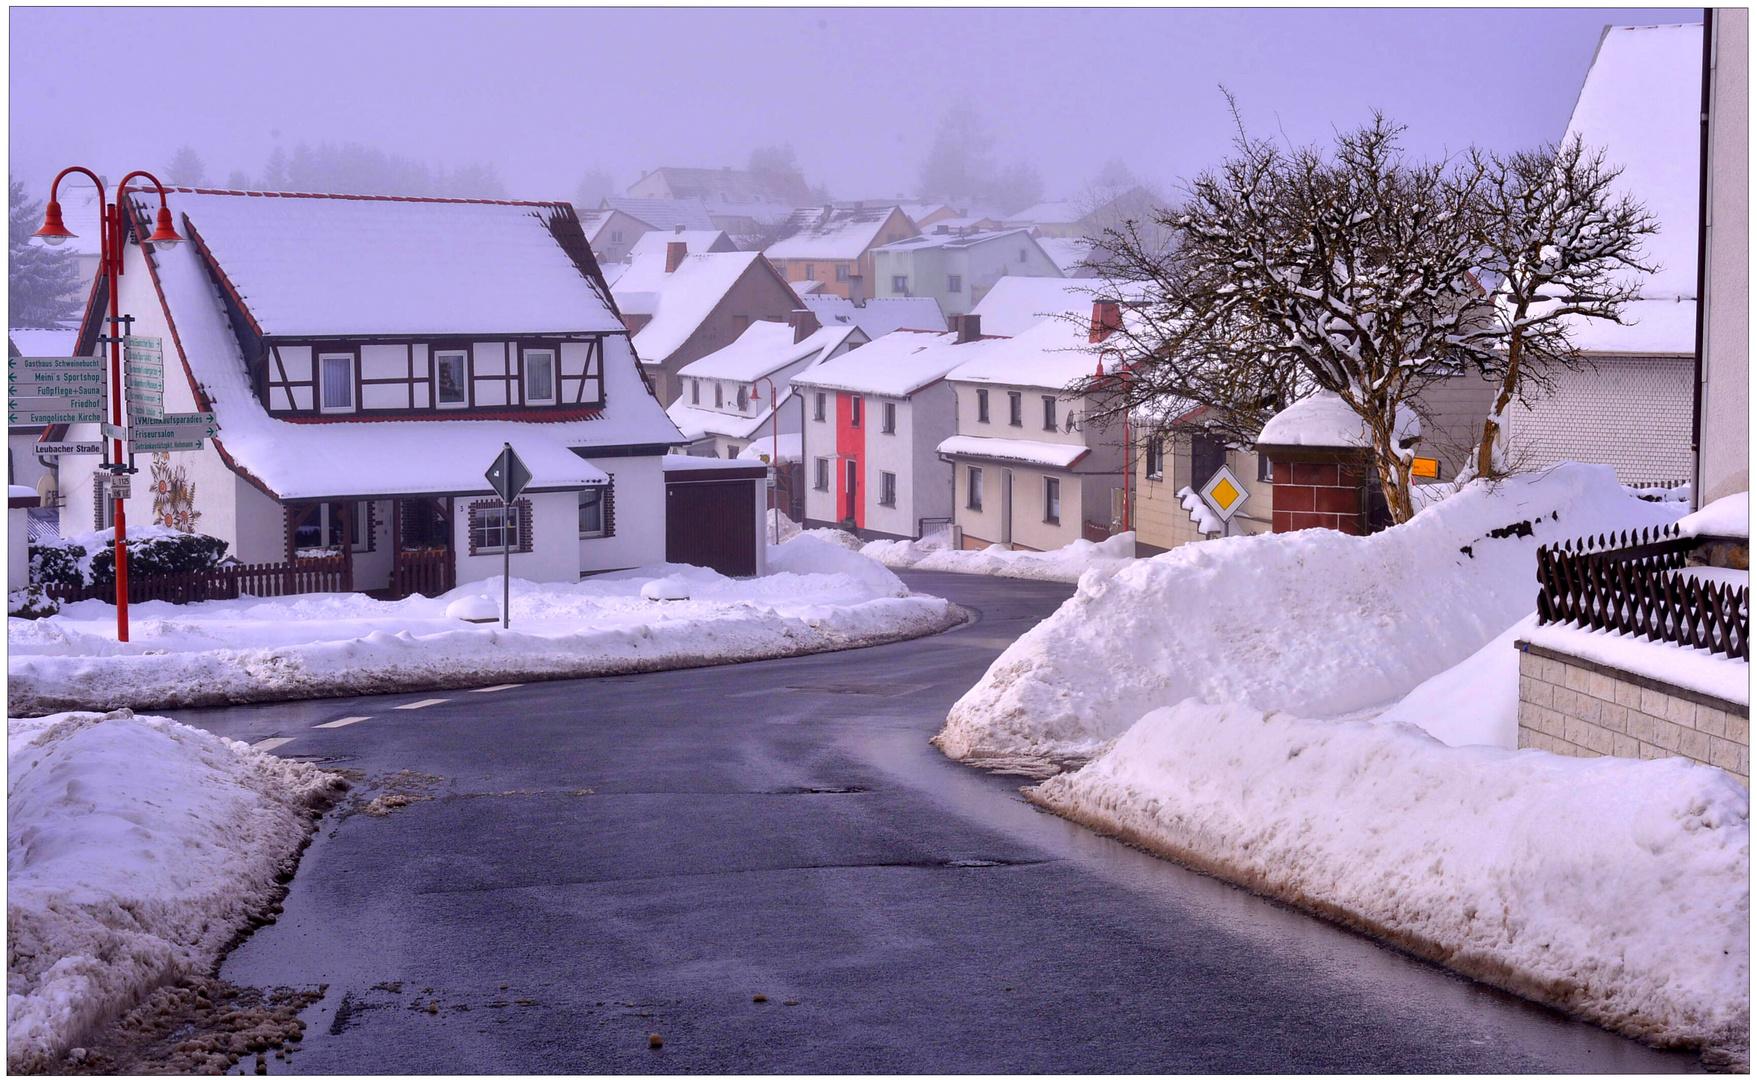 Todavía mucha nieve (immer noch viele Schnee)